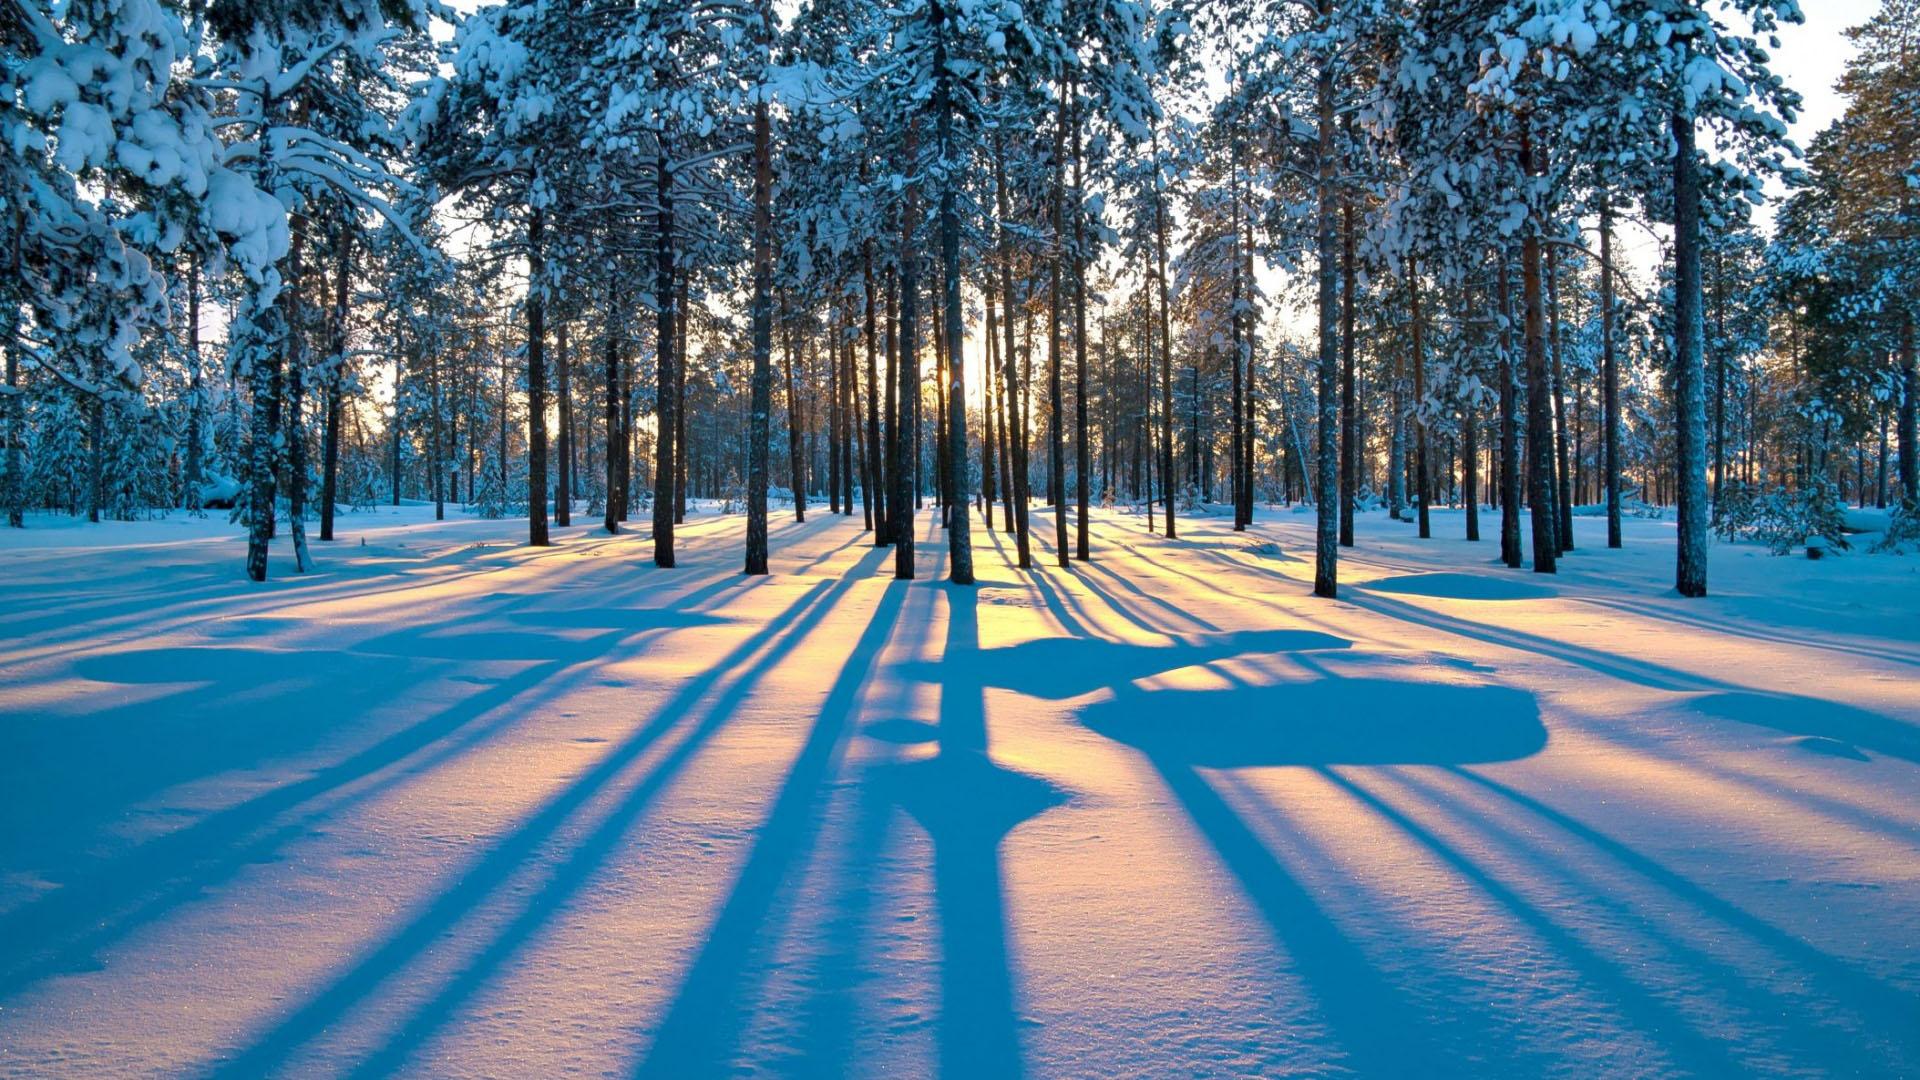 Ảnh nền mùa đông đẹp